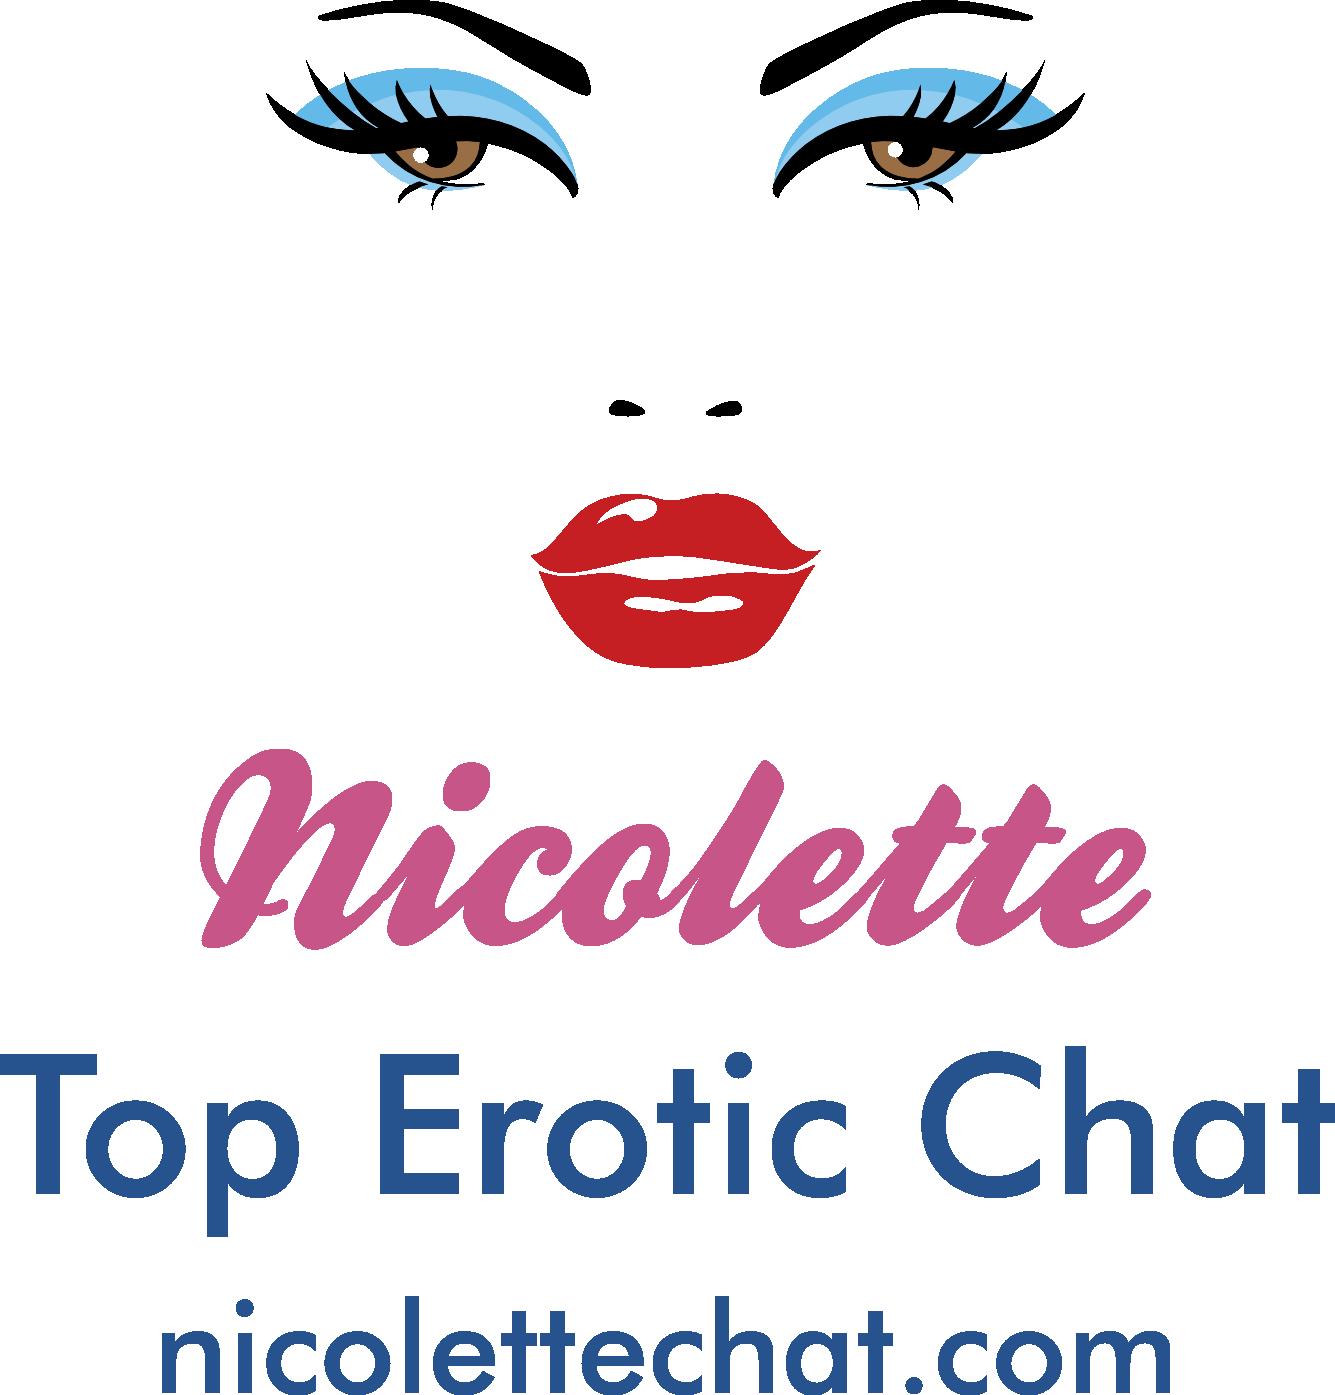 Nicolettechat